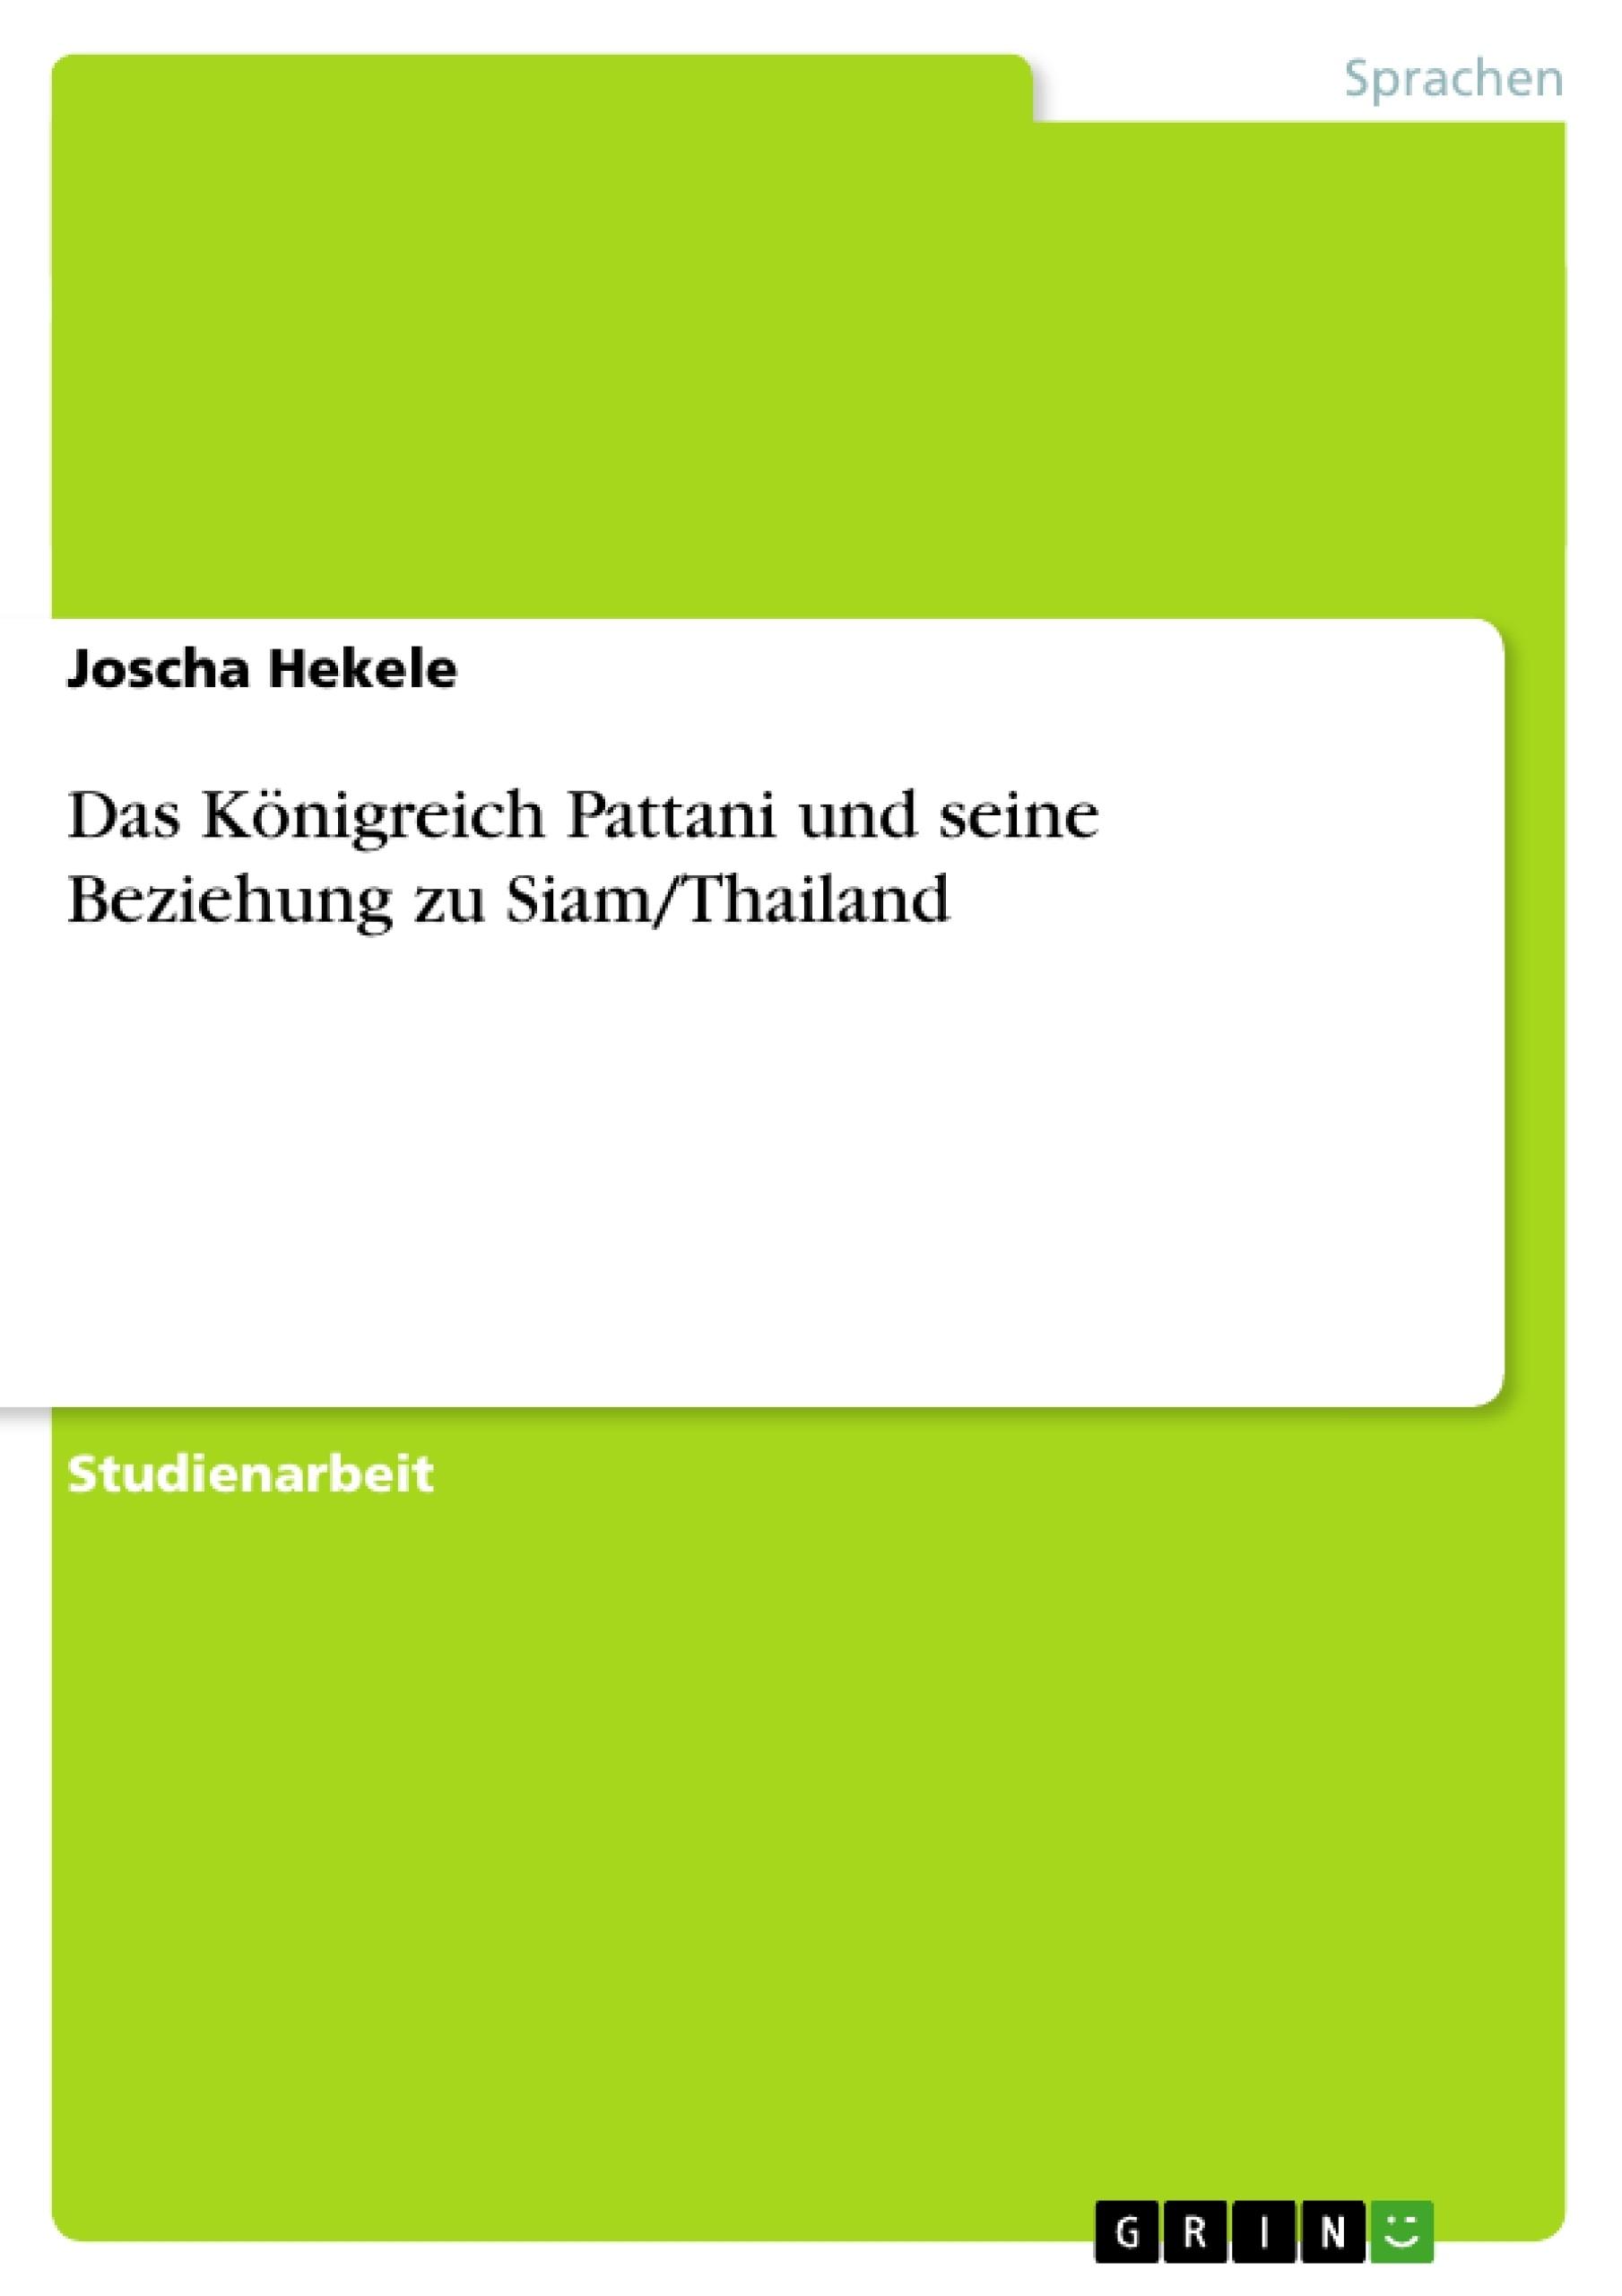 Titel: Das Königreich Pattani und seine Beziehung zu Siam/Thailand